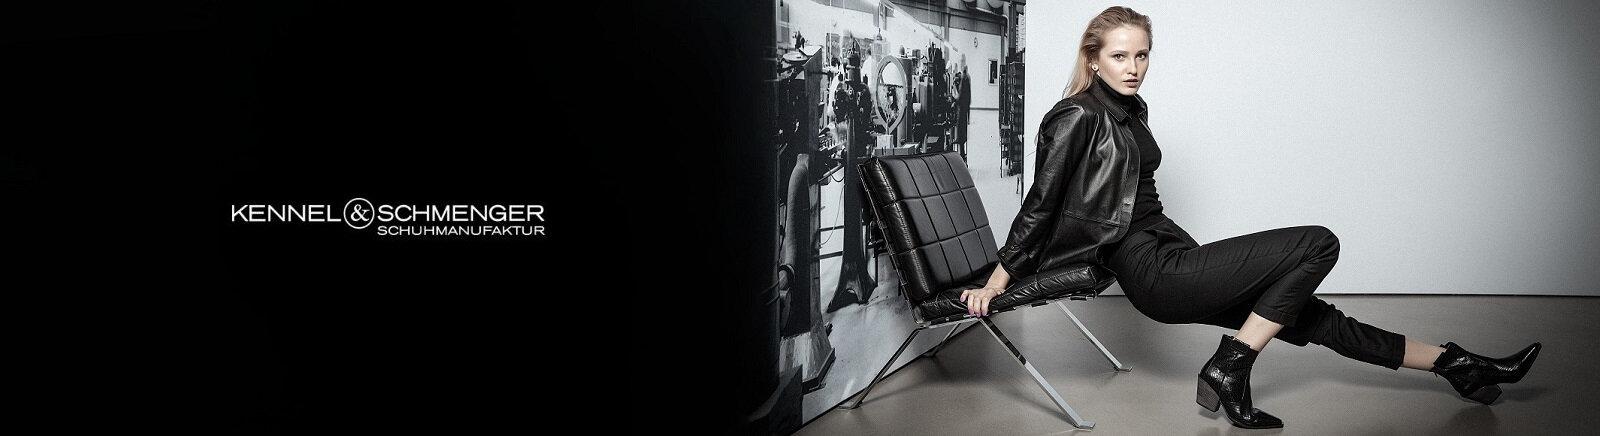 Juppen: Kennel & Schmenger Damenschuhe online shoppen